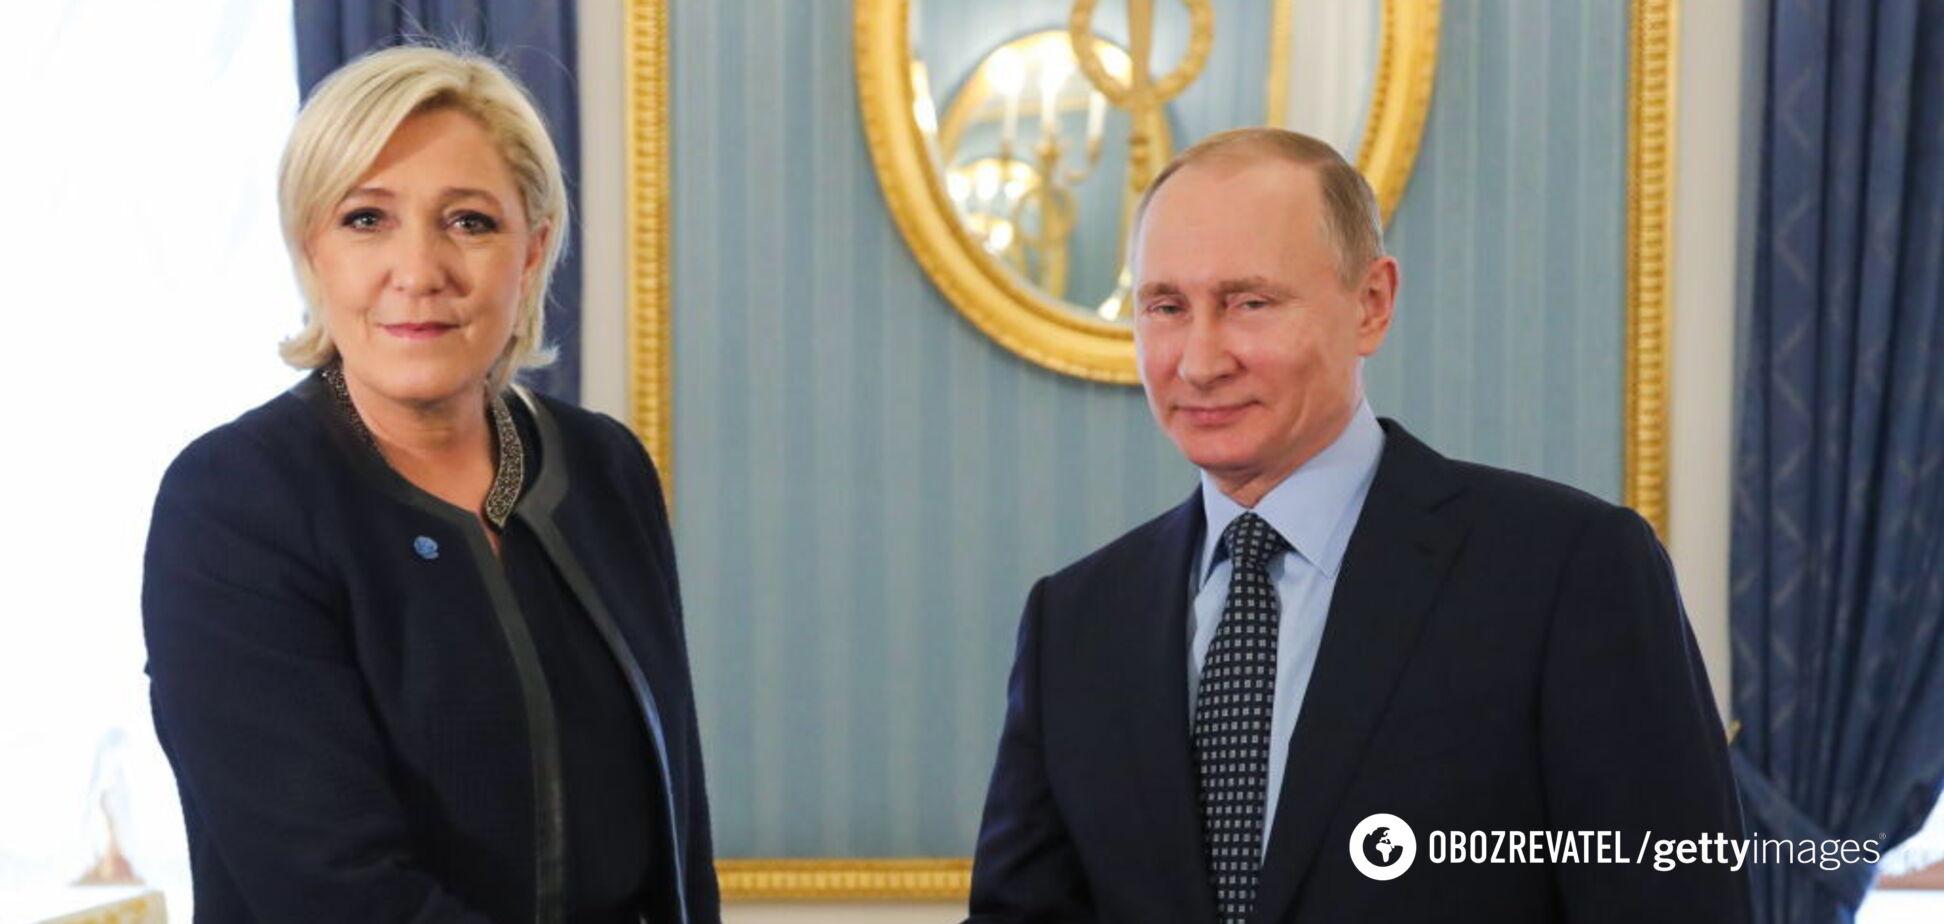 Подруга Путіна закликала вигнати Туреччину з НАТО